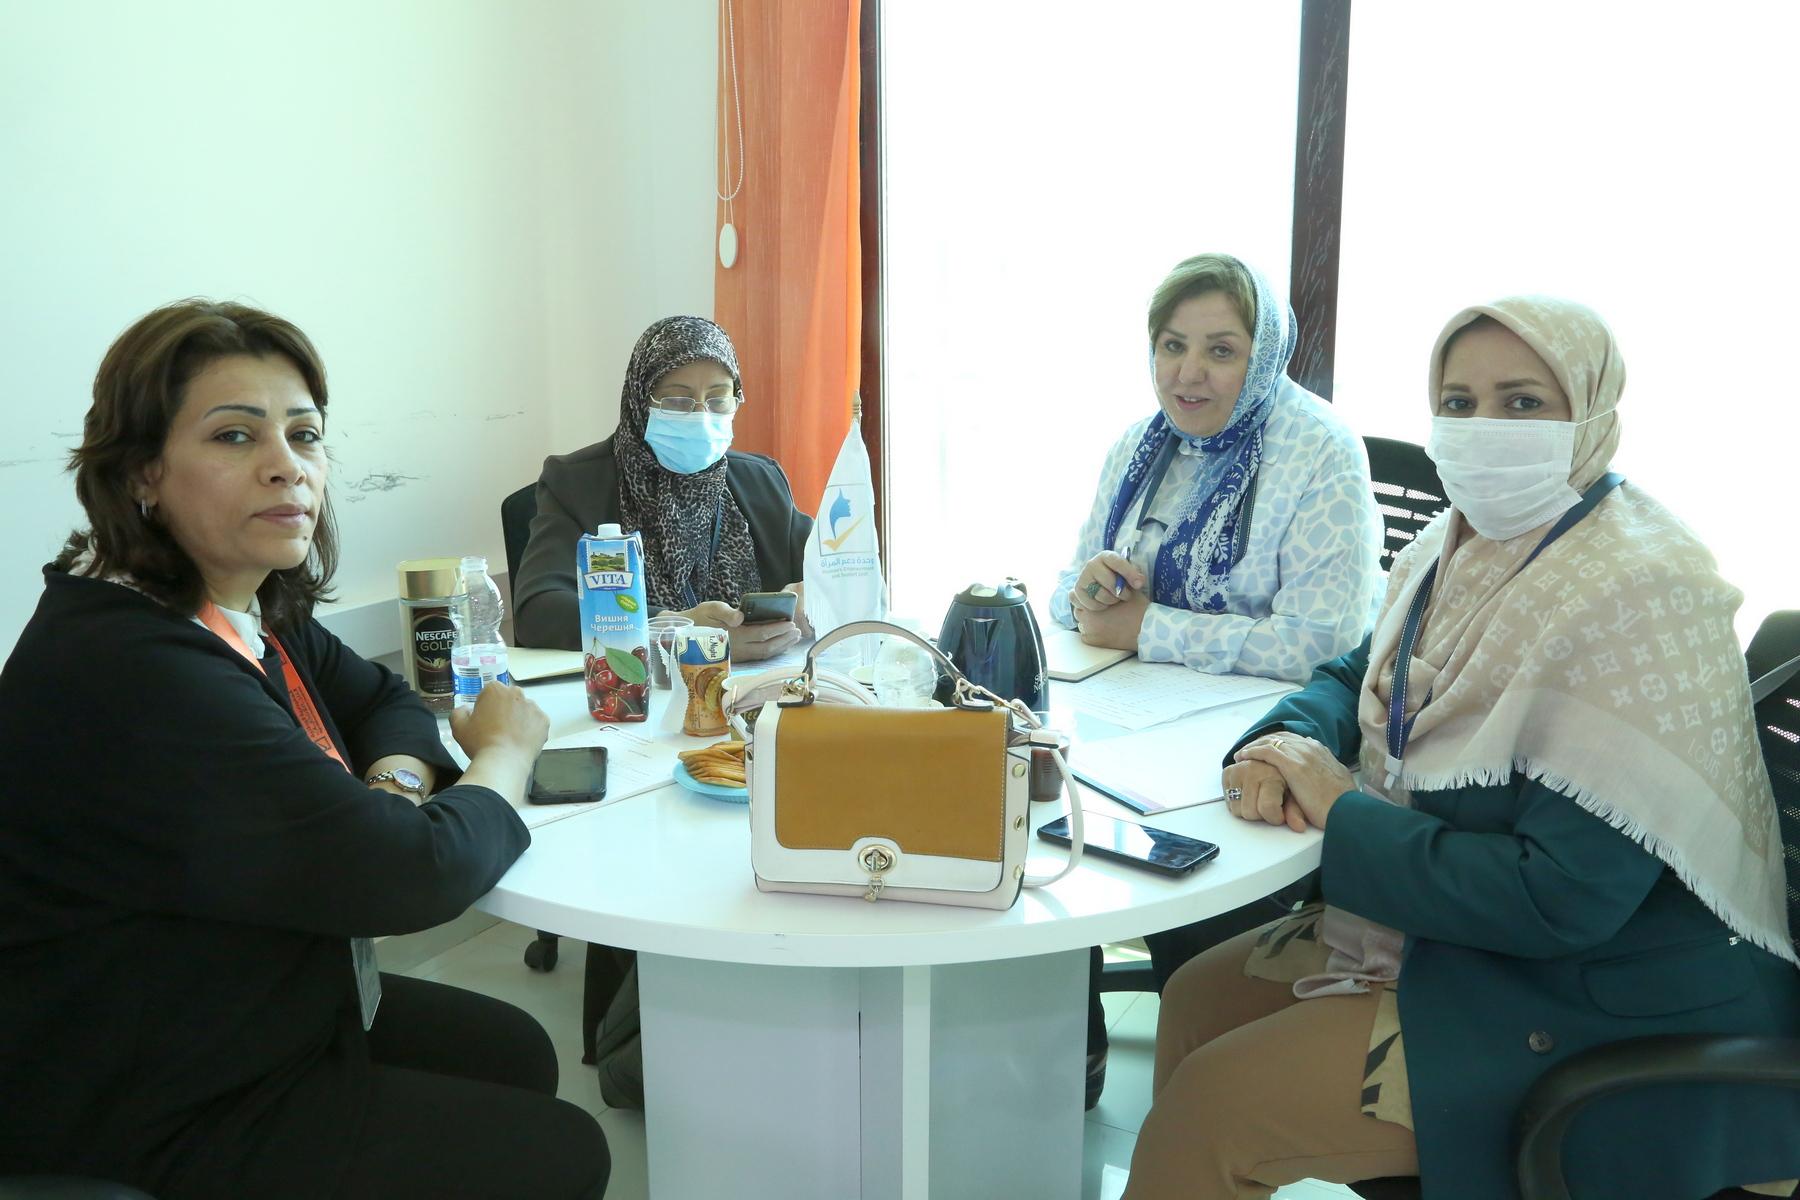 وحدة دعم المرأة تجتمع مع الاتحاد النسائي الليبي